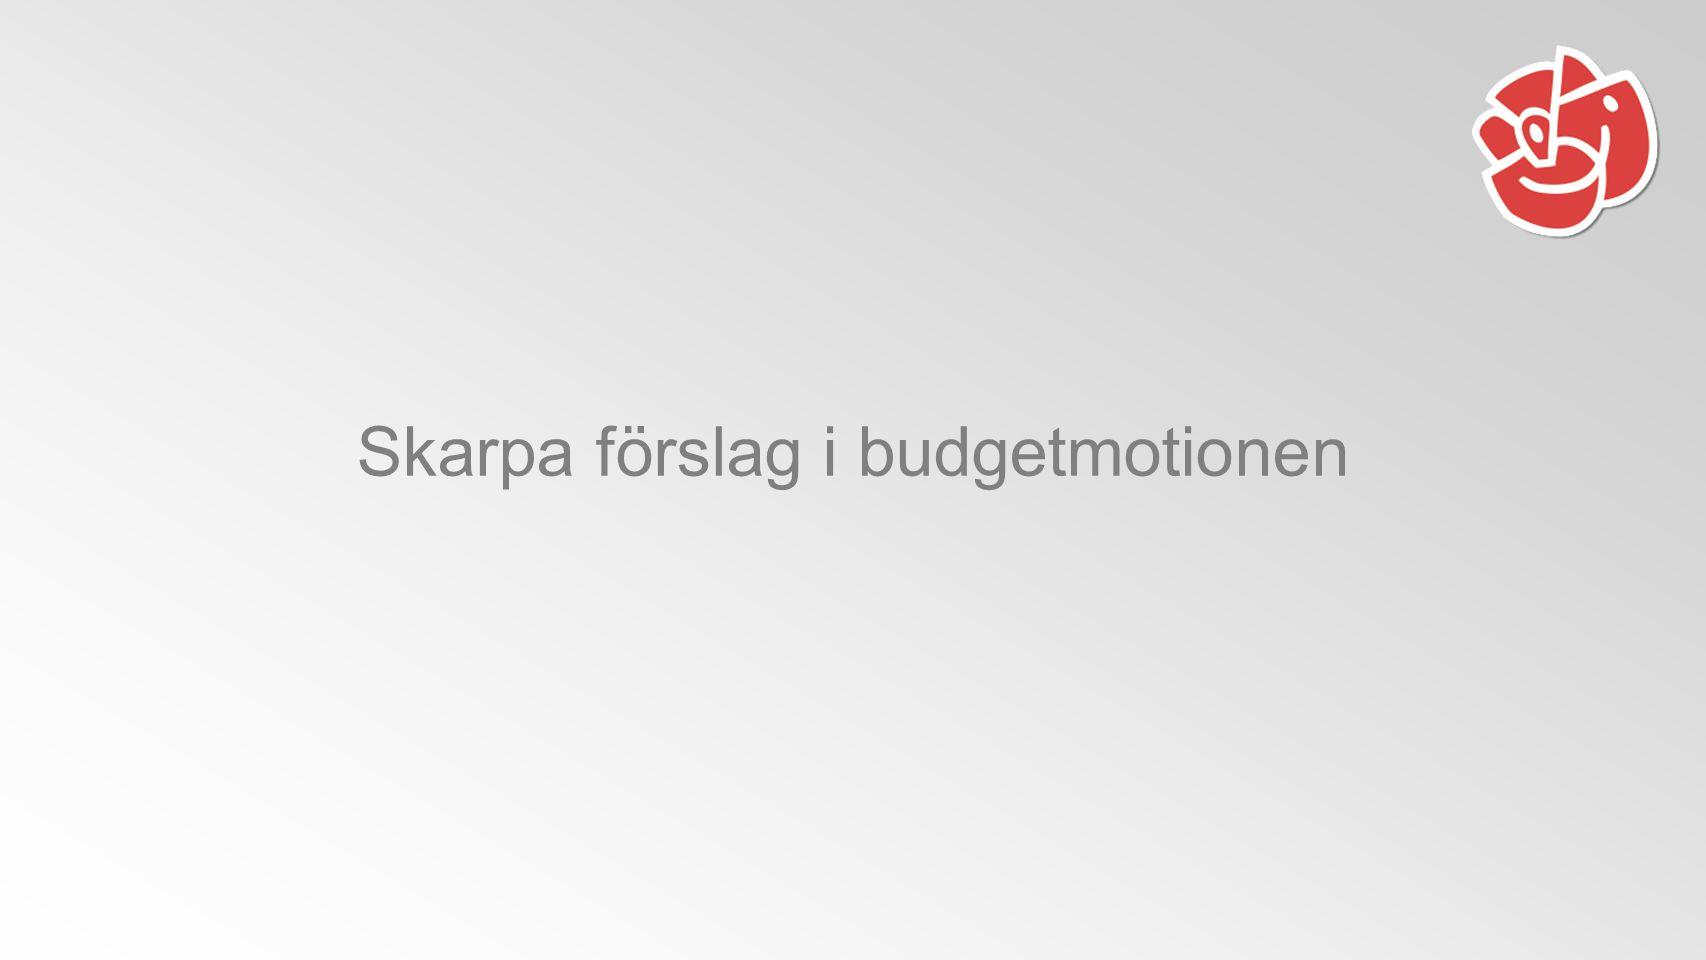 Skarpa förslag i budgetmotionen